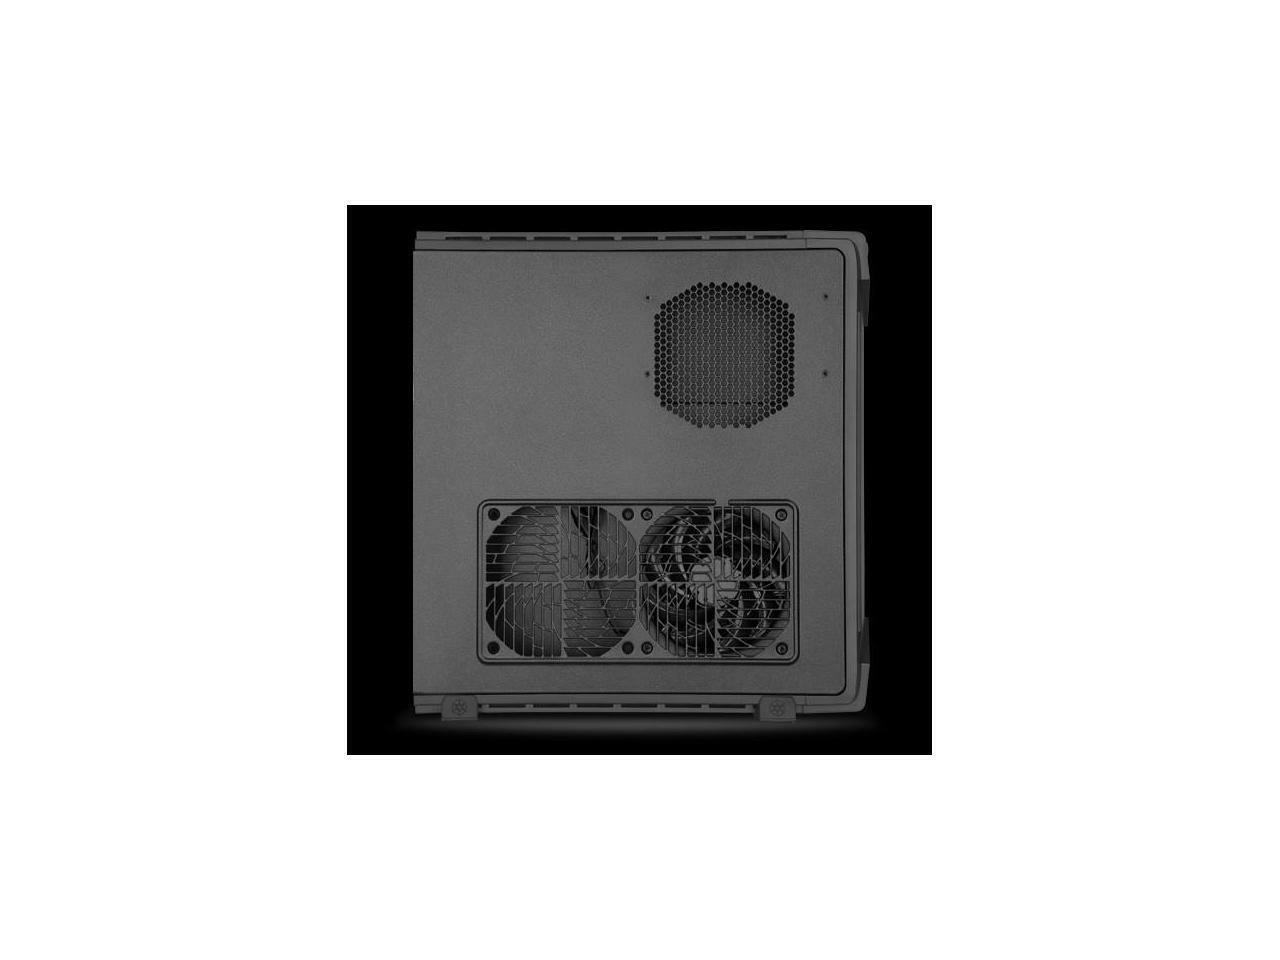 Silverstone RGB Mini Gaming PC 7 RTX2070/2080/2080TI